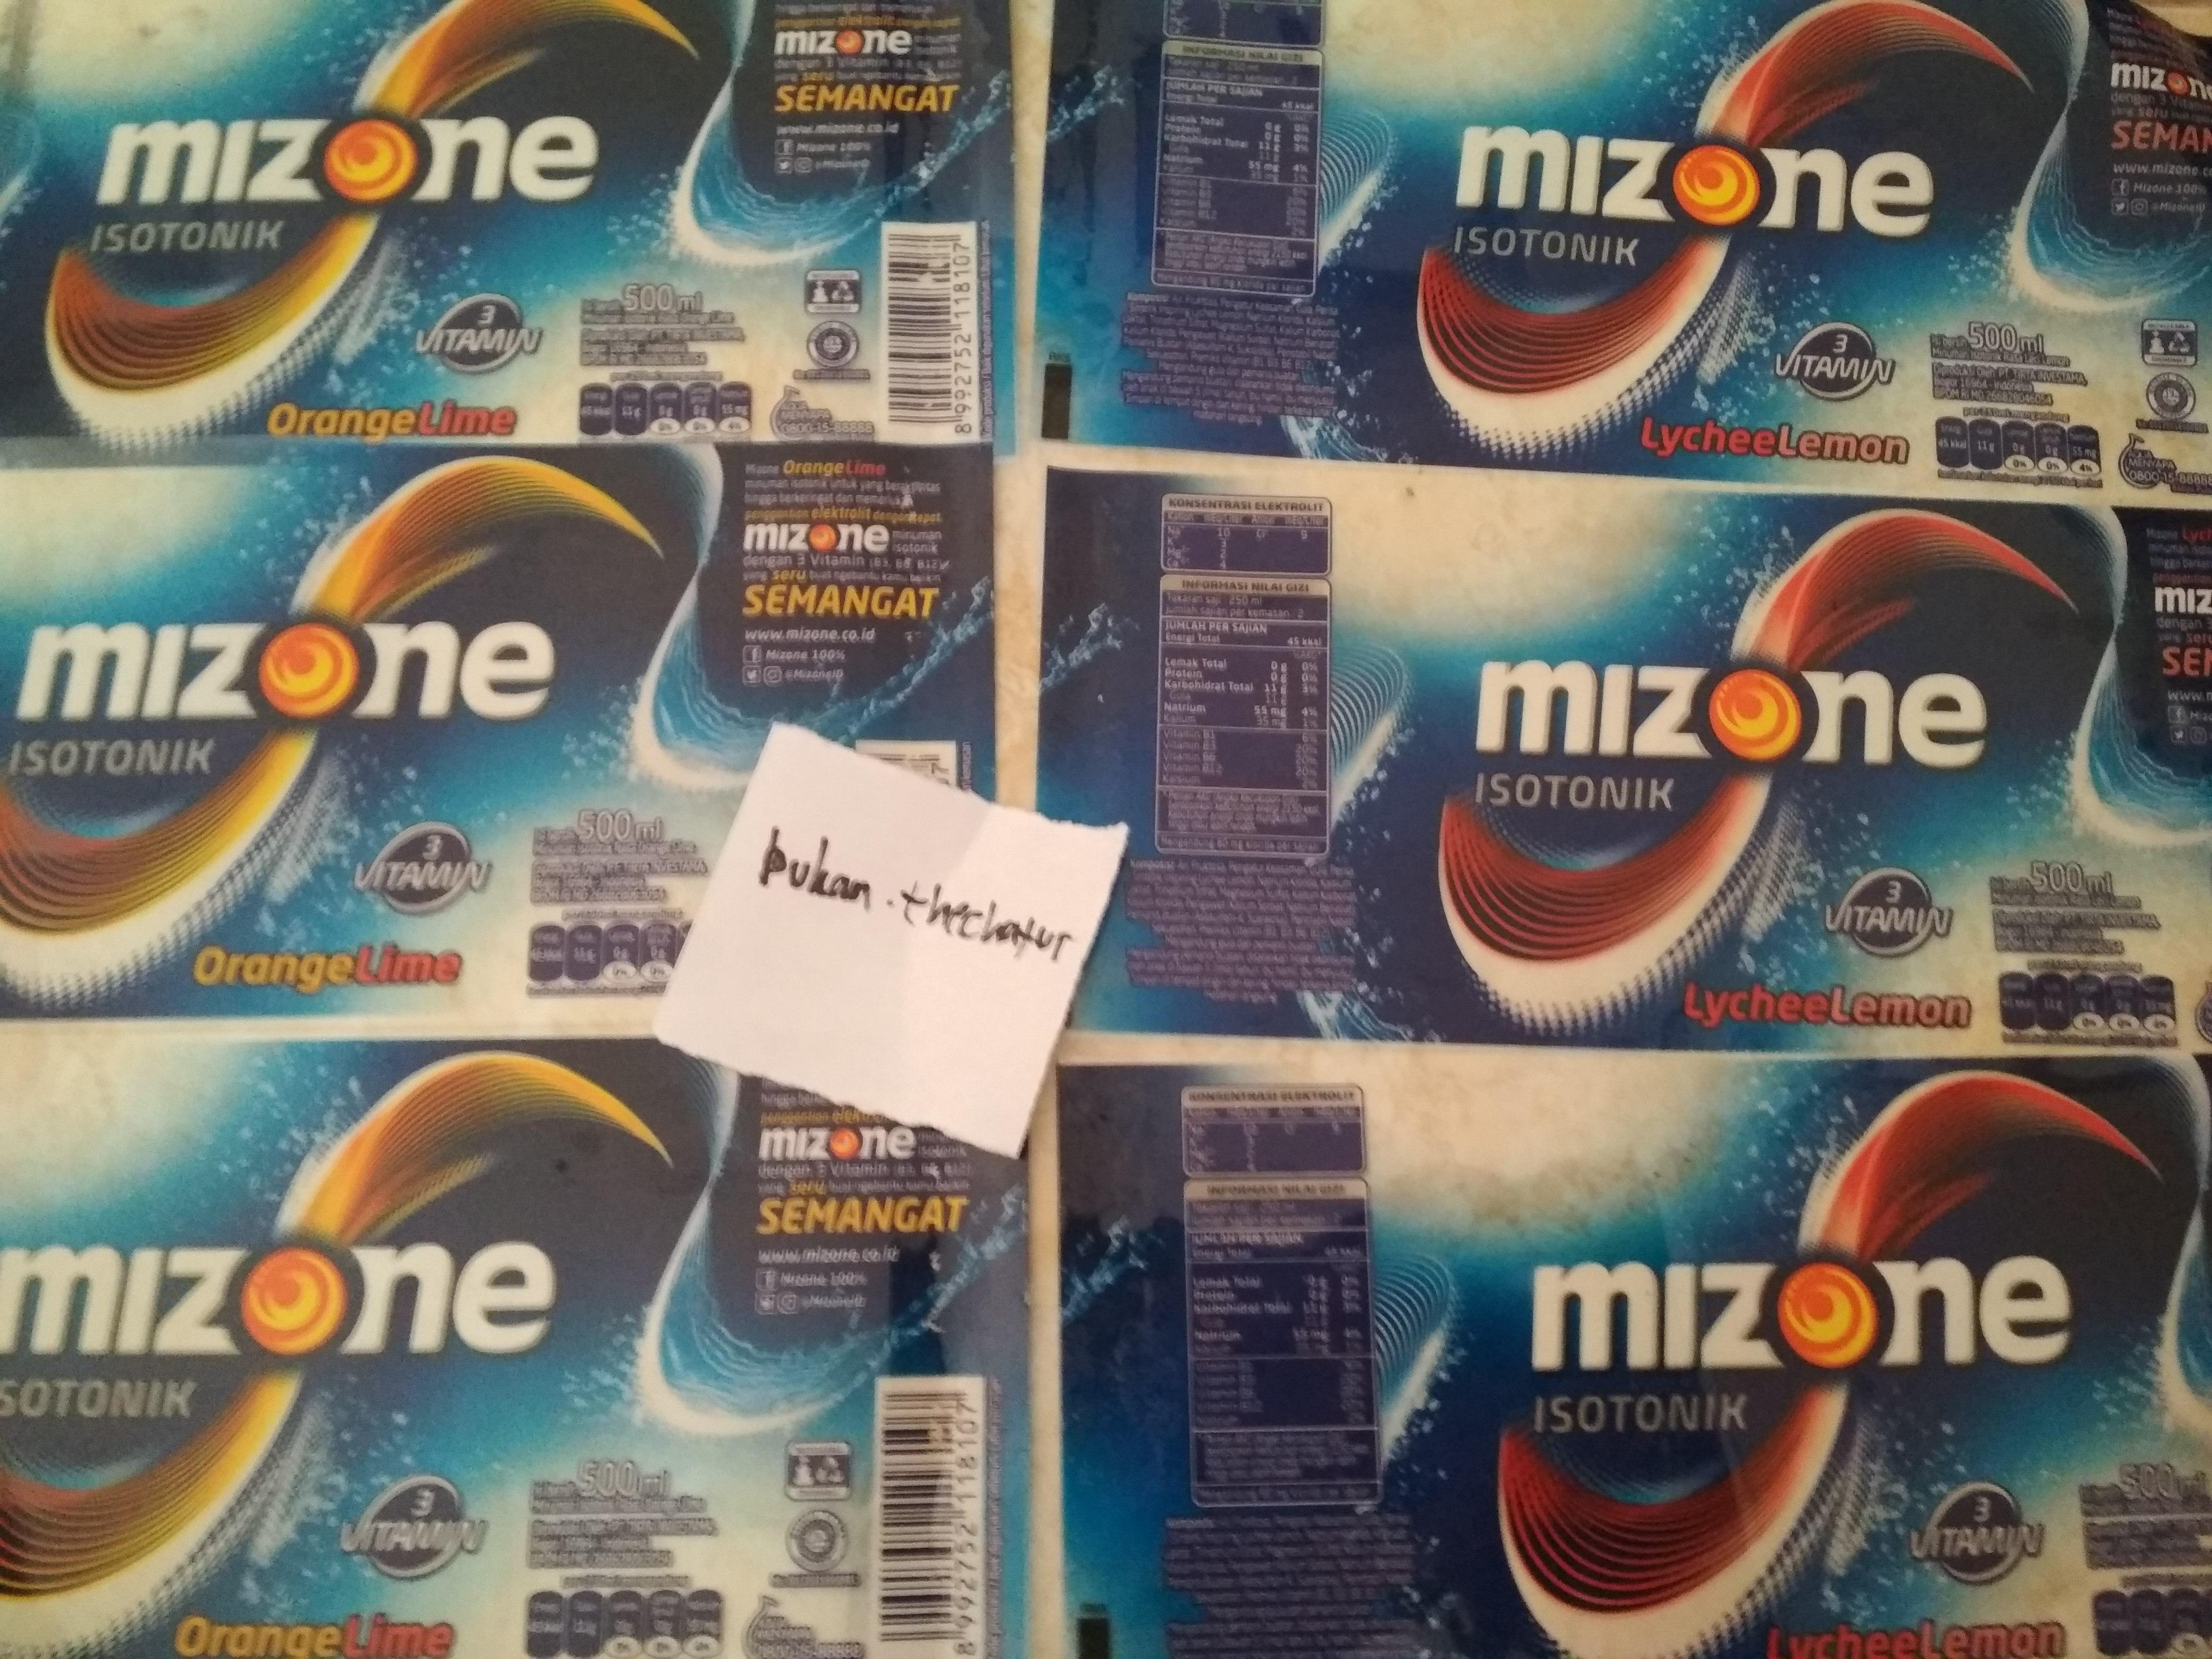 #kaskusxmizone bukan saya